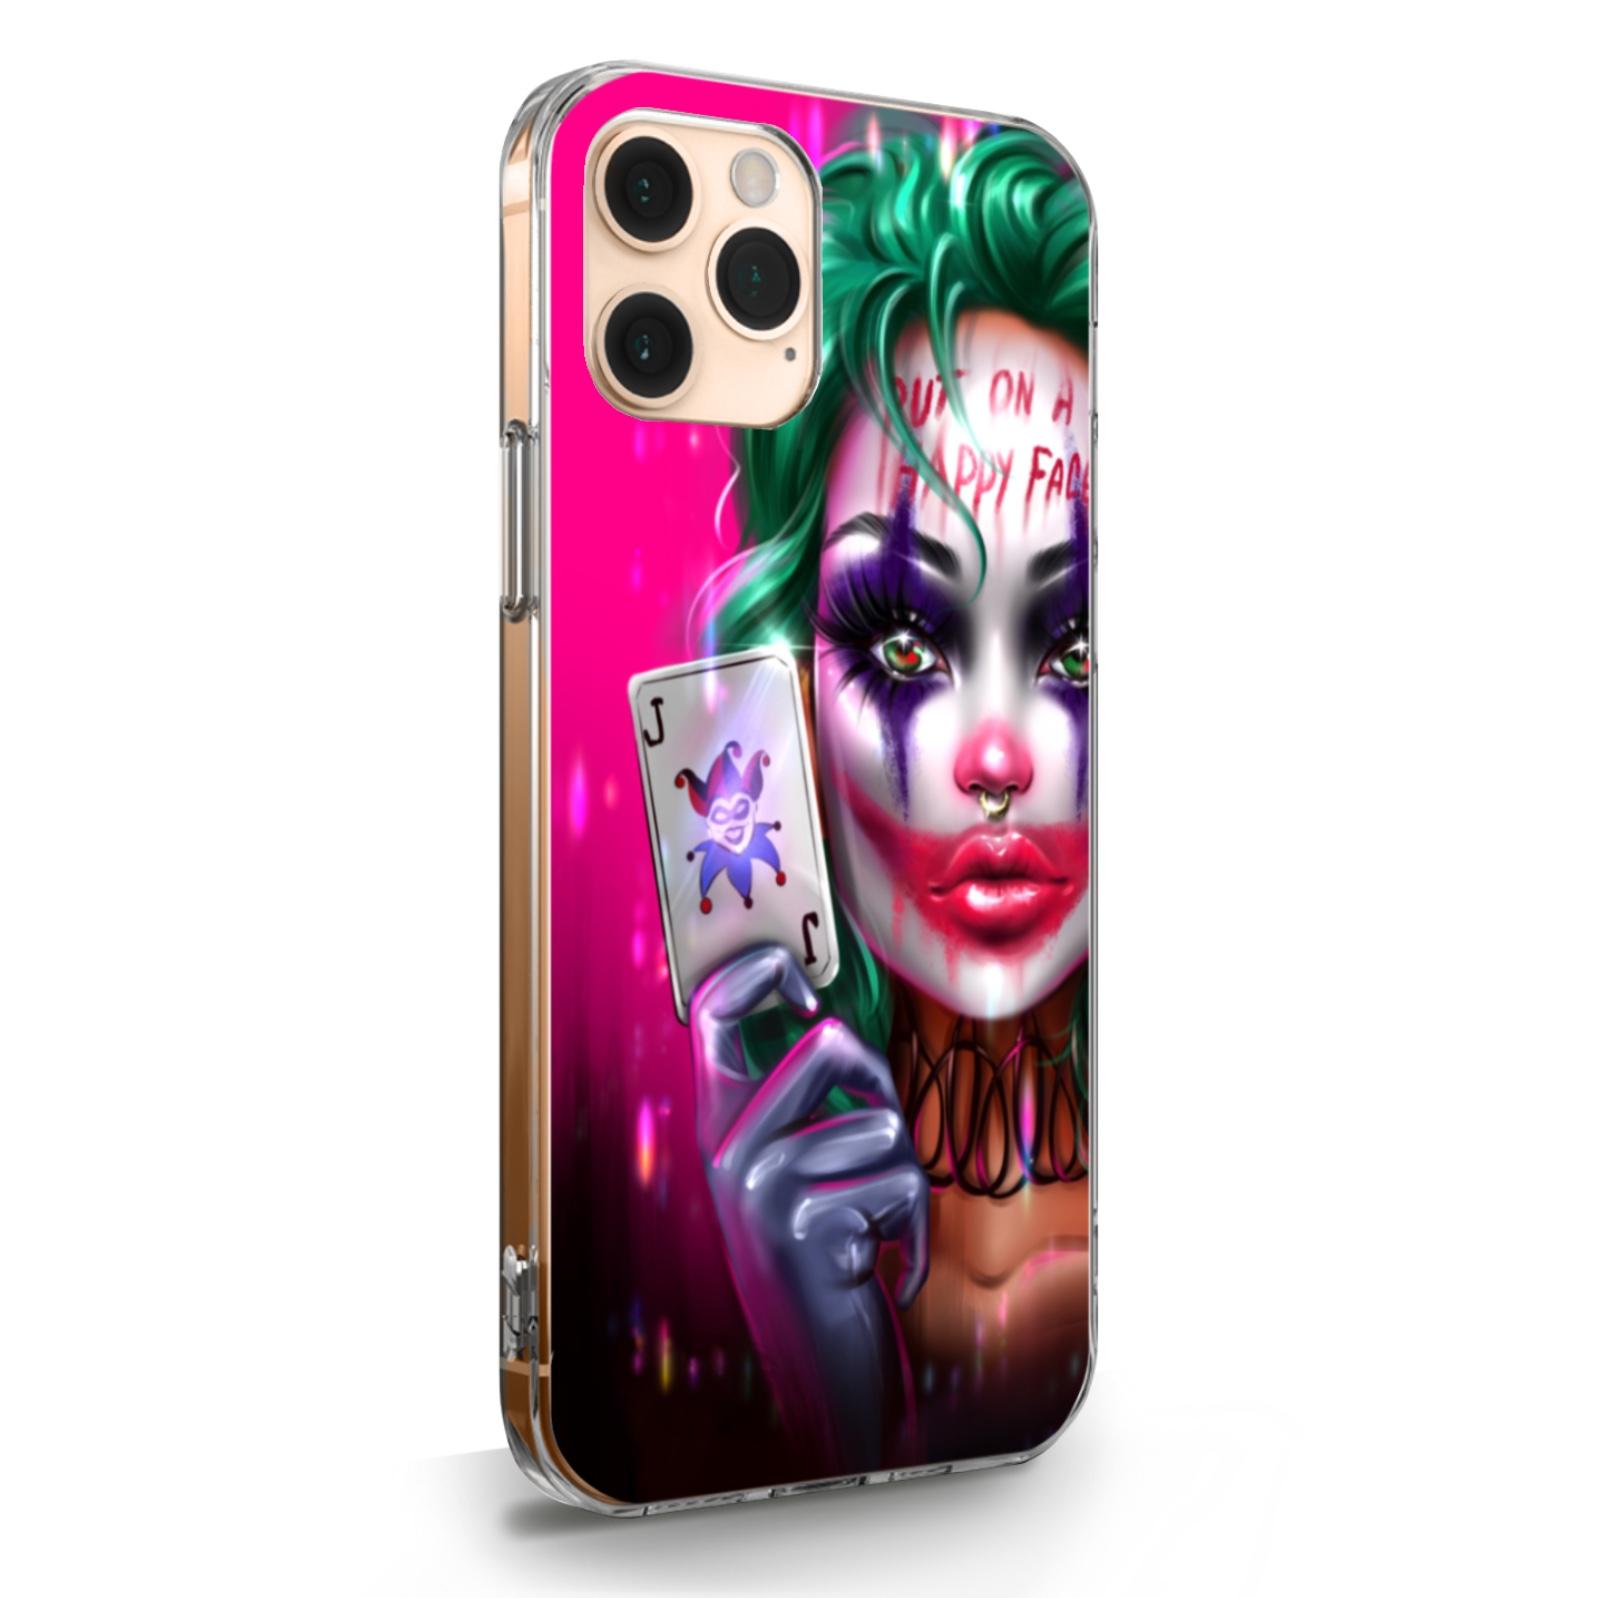 Прозрачный силиконовый чехол для iPhone 11 Pro Joker Girl/ Харли Квин для Айфон 11 Про